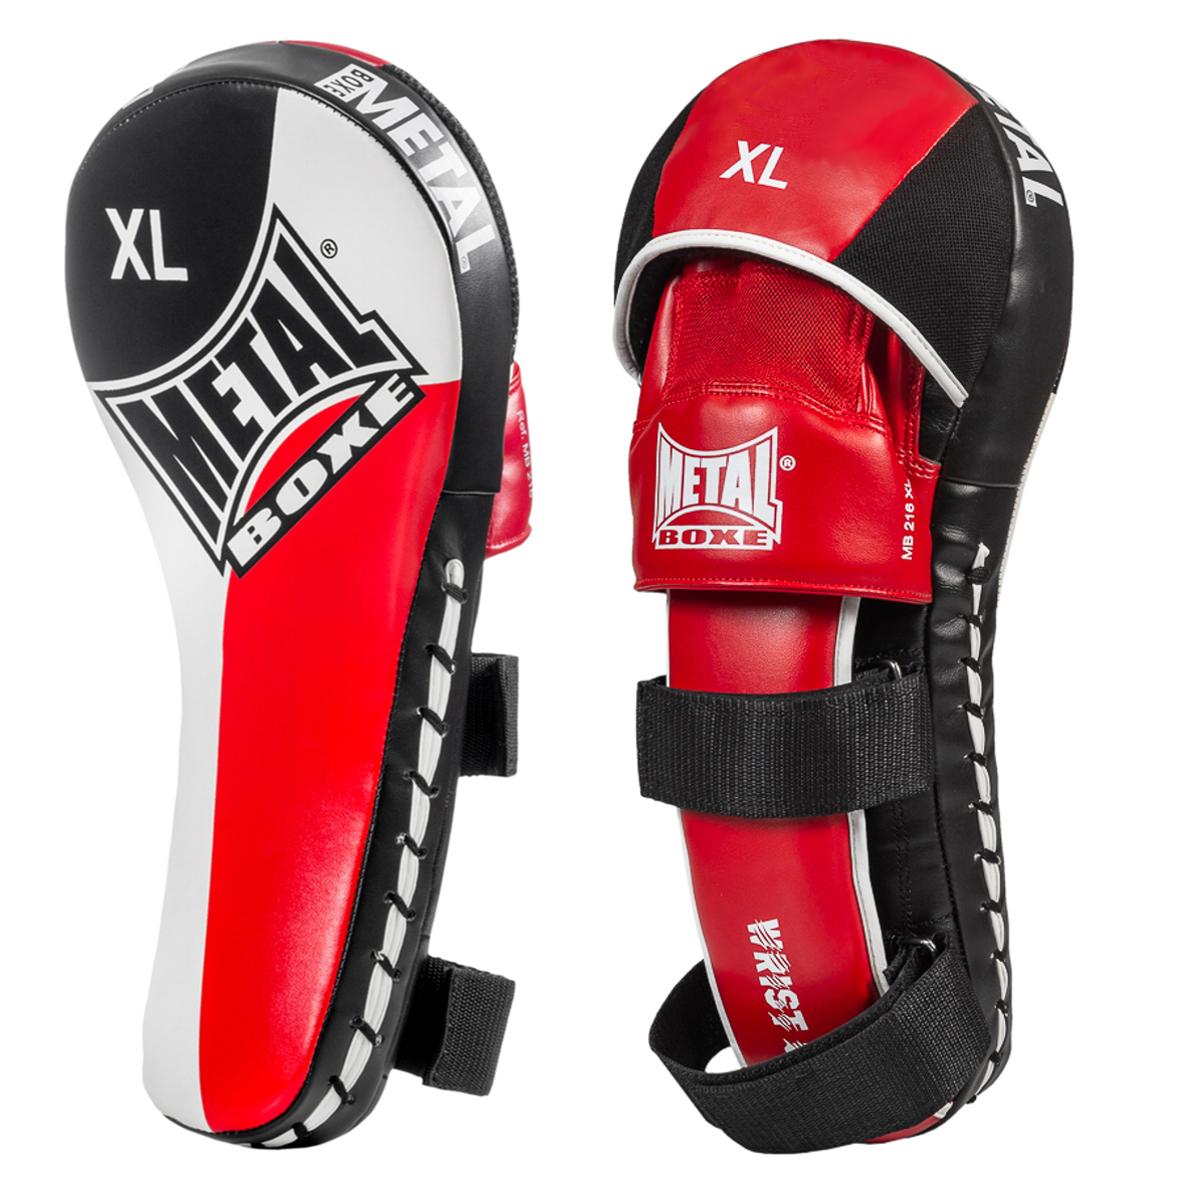 Pattes d\'ours Métal boxe XL